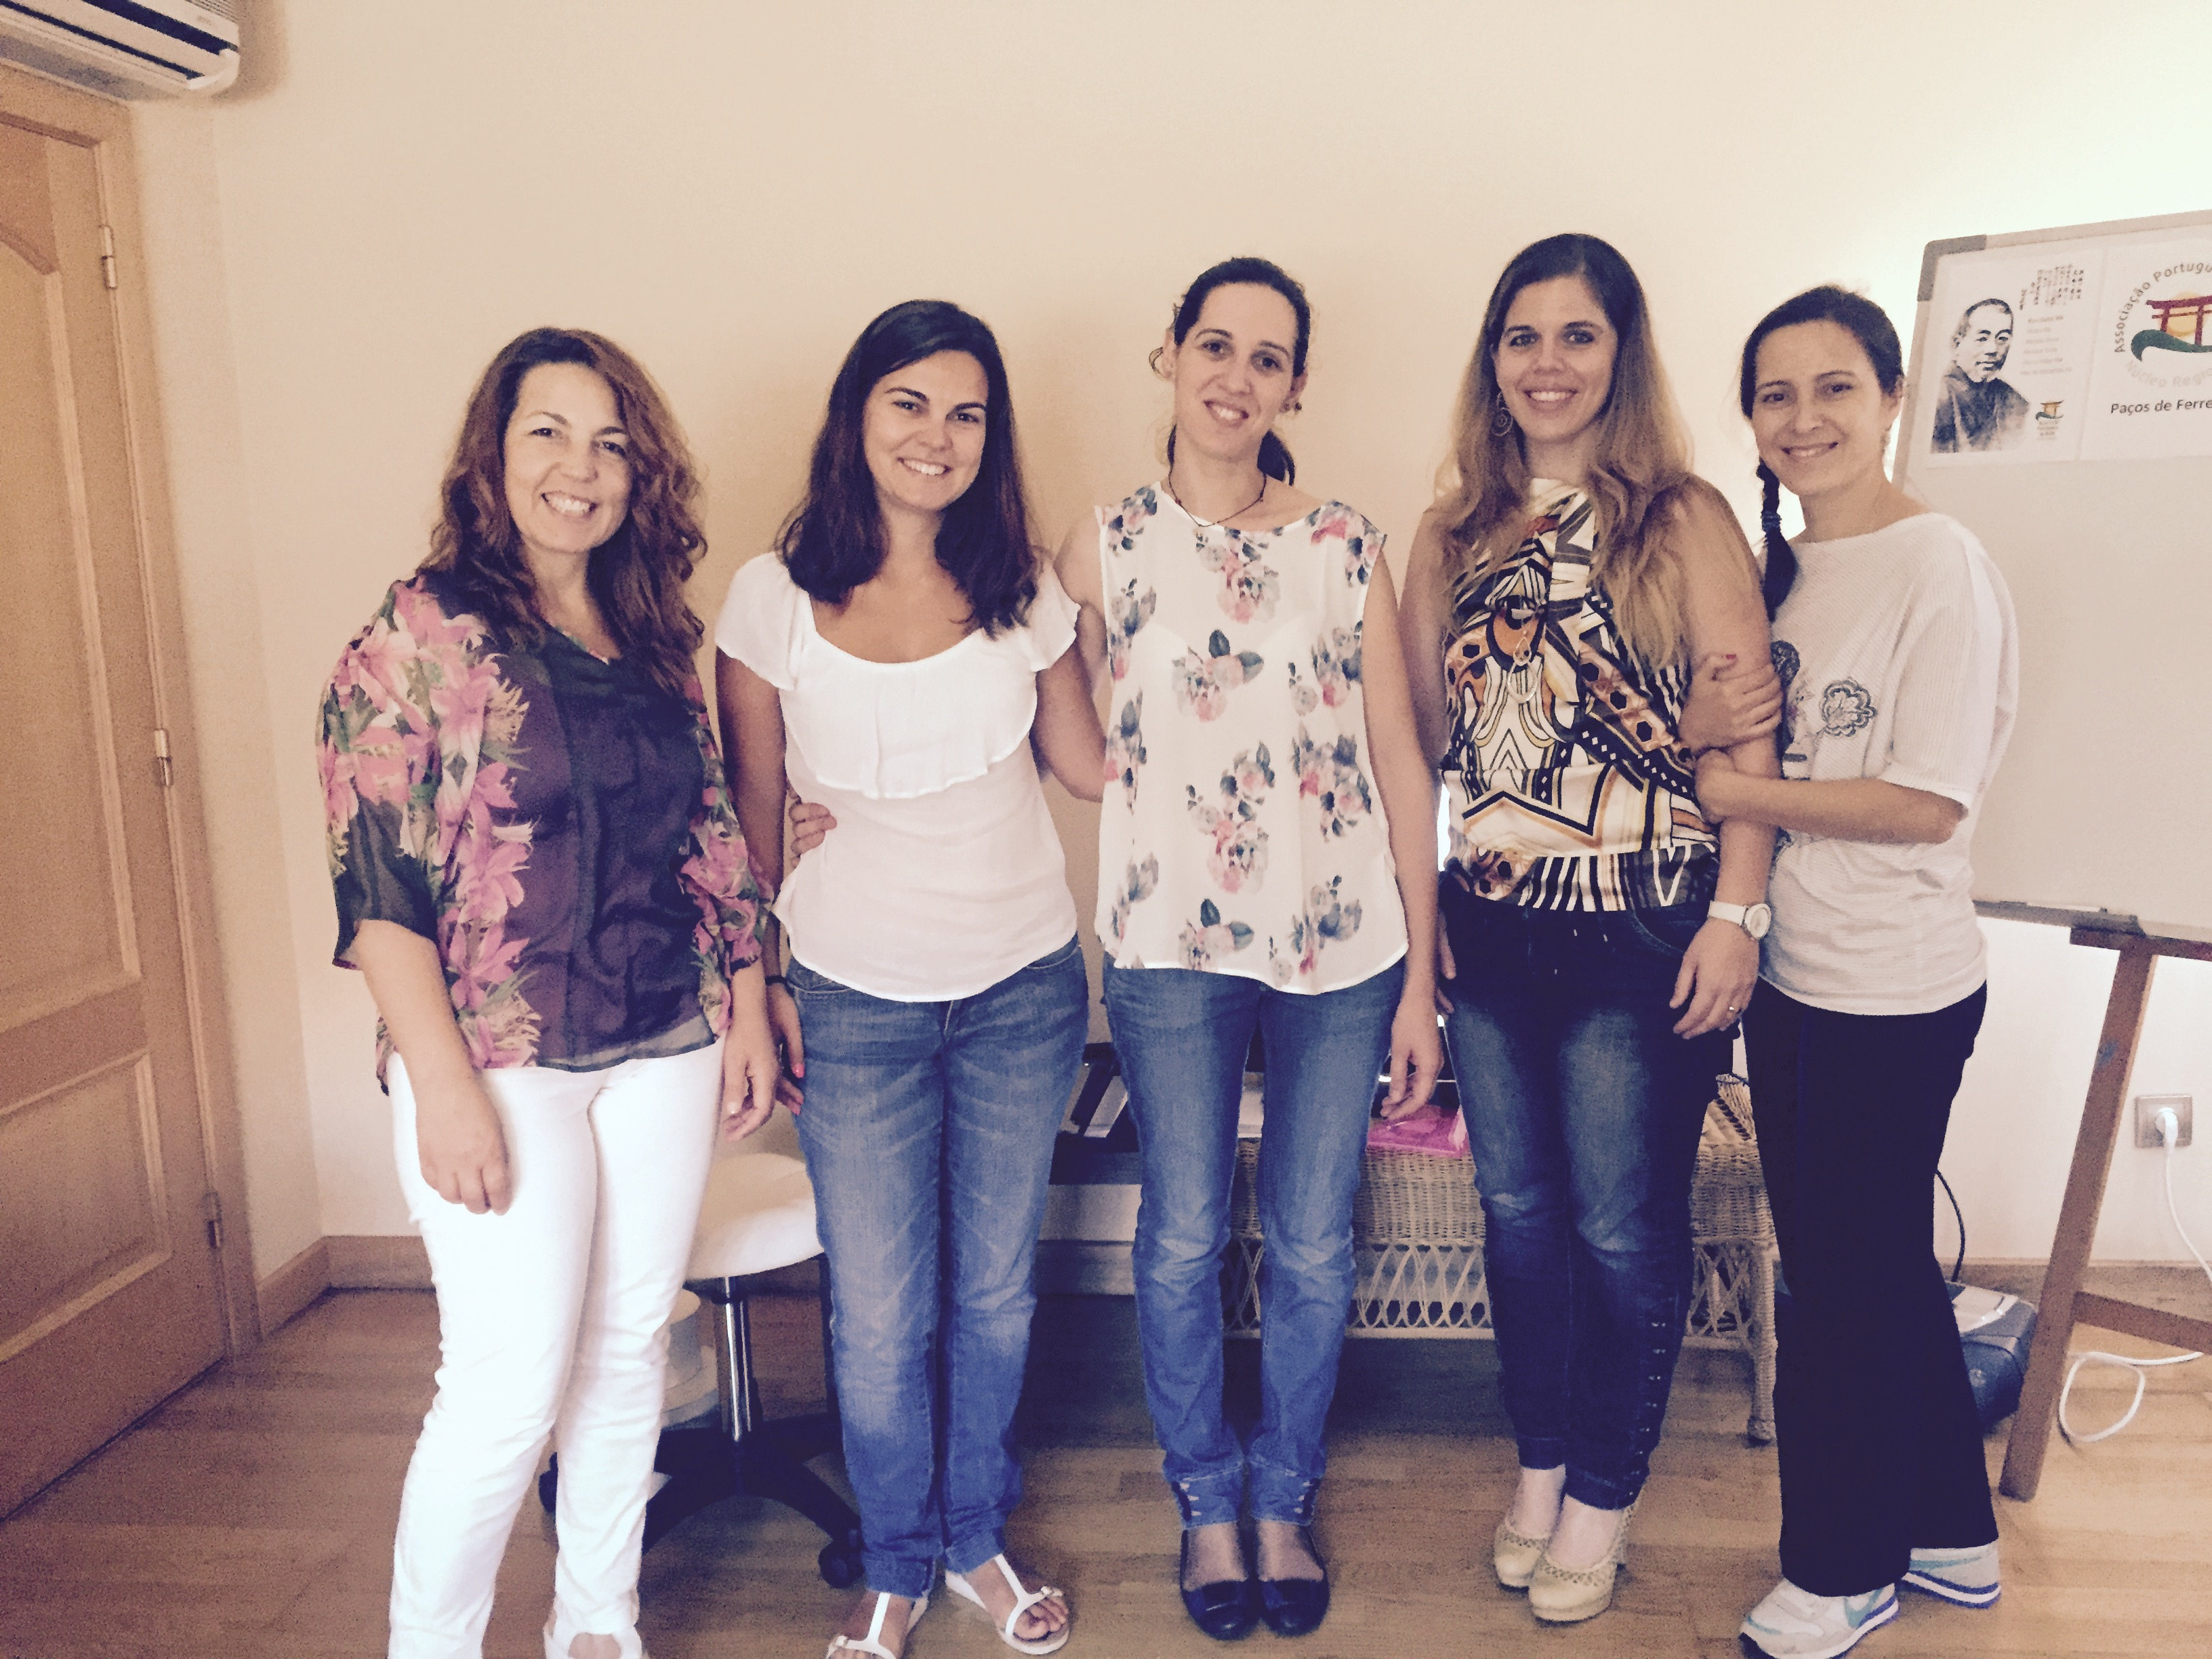 Workshop CUIDAR de MIM realizado pelo Núcleo de Paços de Ferreira